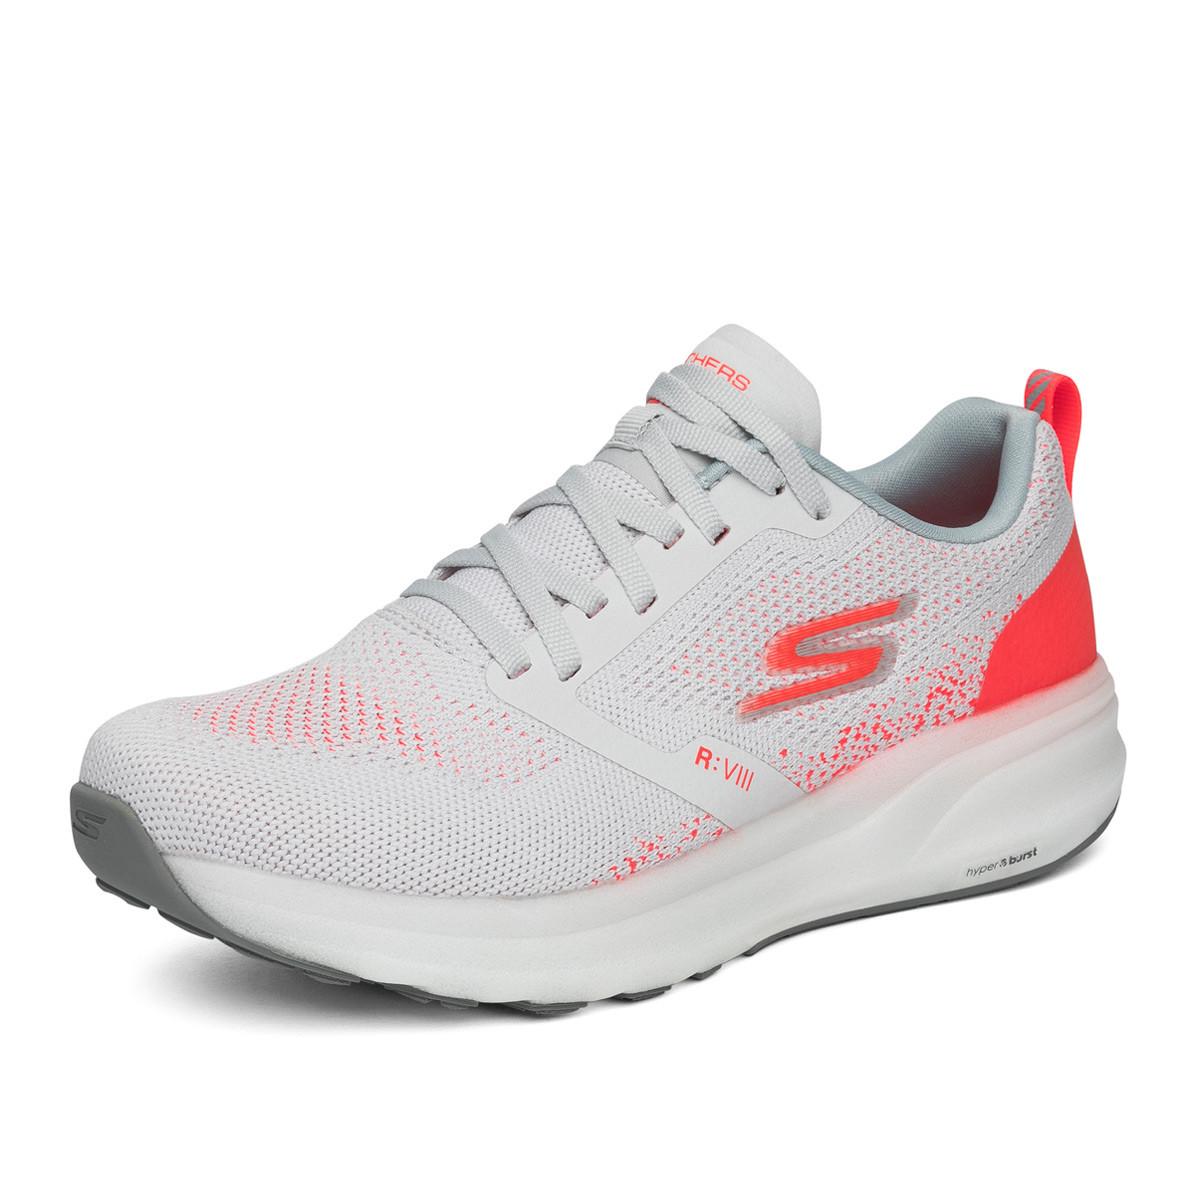 斯凯奇女士透气编织网布运动鞋轻质高回弹缓震稳定型跑鞋